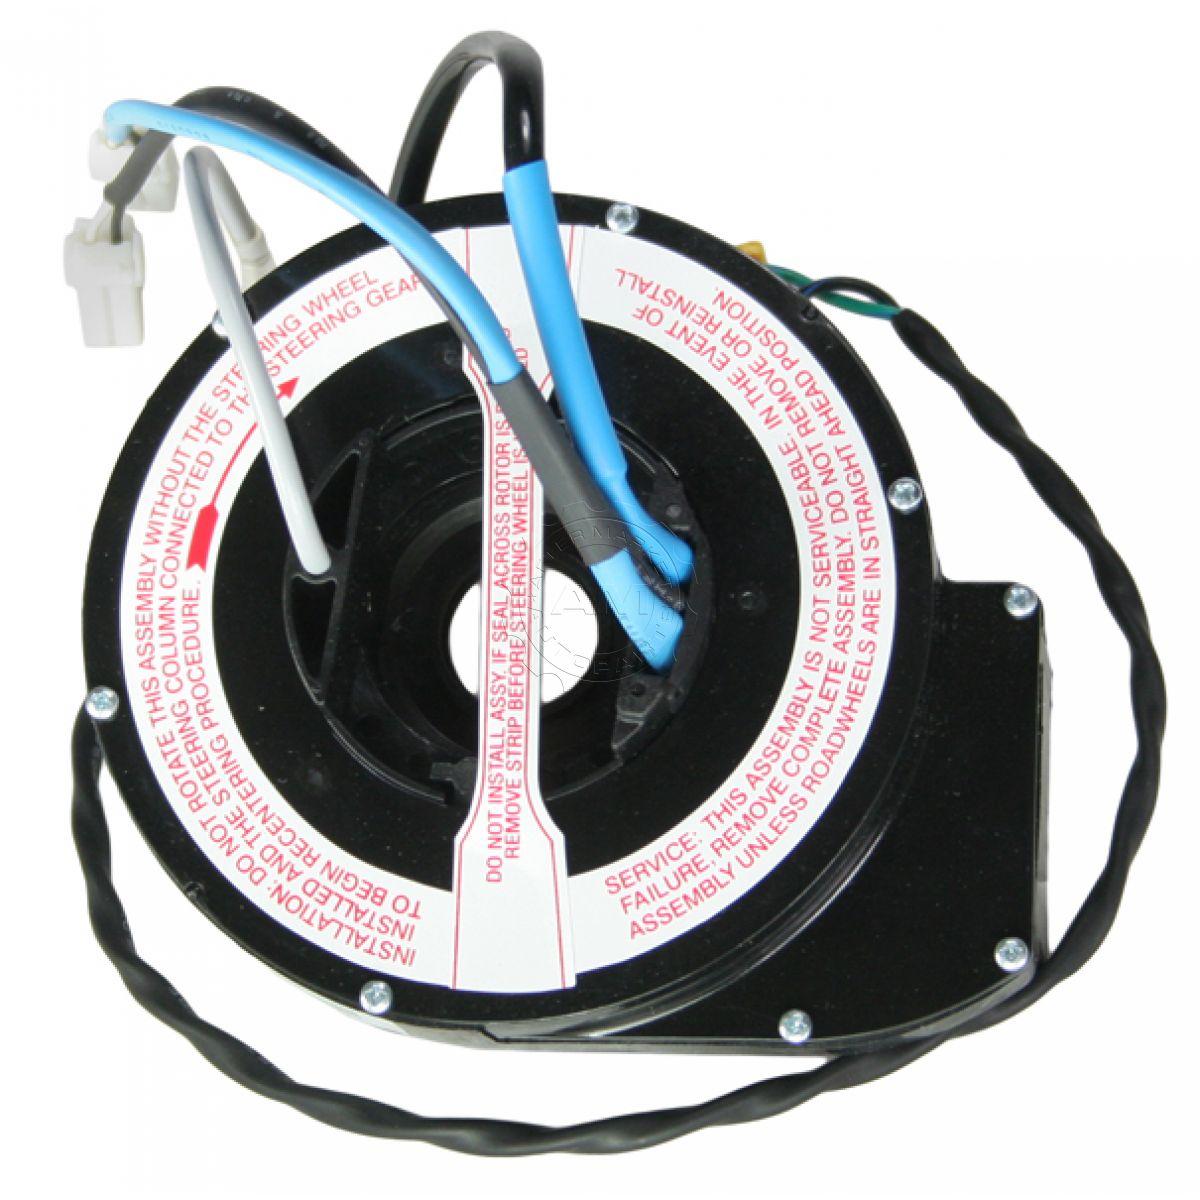 Pickup Air Bags : Air bag airbag clockspring for dodge ram pickup truck